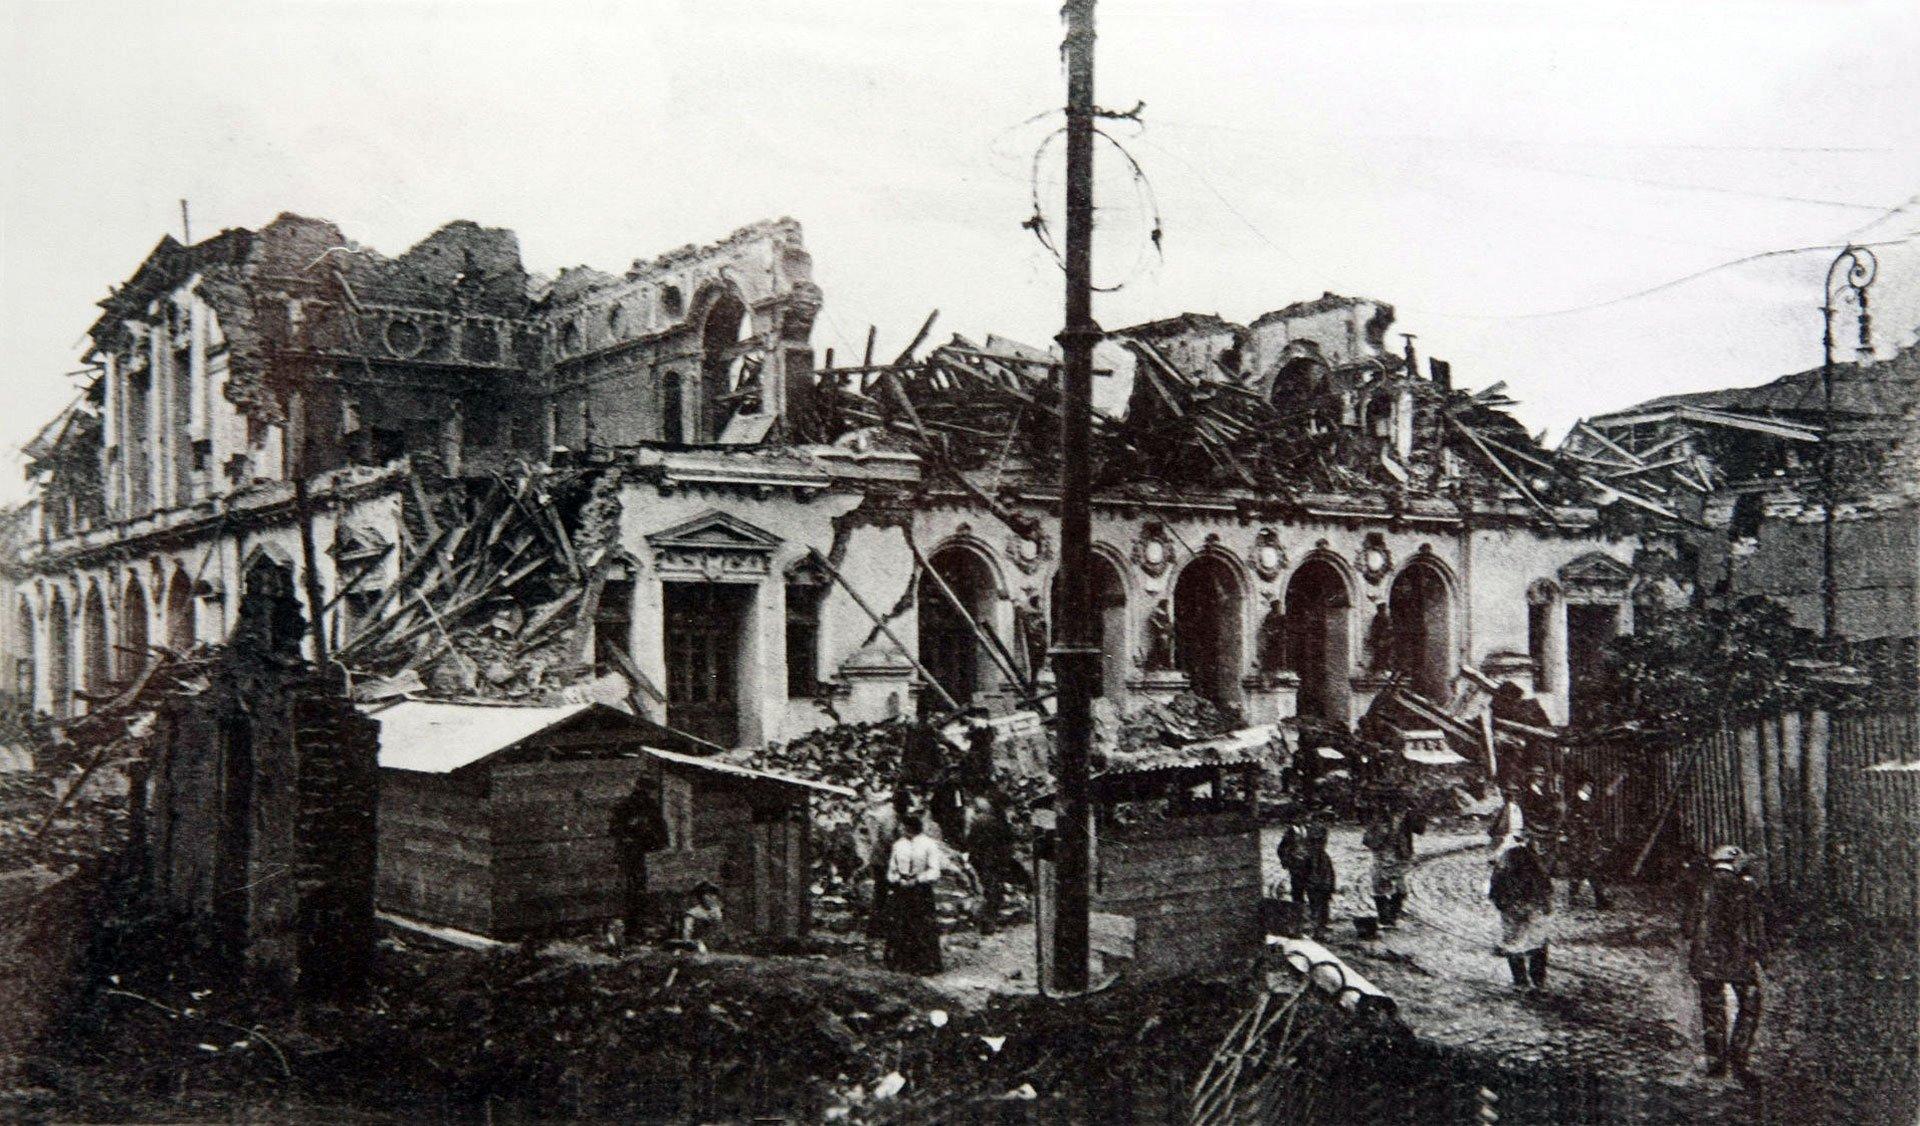 Valparaíso, Chile. 17 de agosto de 1906.Los reportes de la época aseguran que el terremoto (8,2 en la escala de Richter) duró cuatro minutos y causó daños severos en la región central de Chile. Según datos de las Universidad de Chile, murieron 3.882 personas